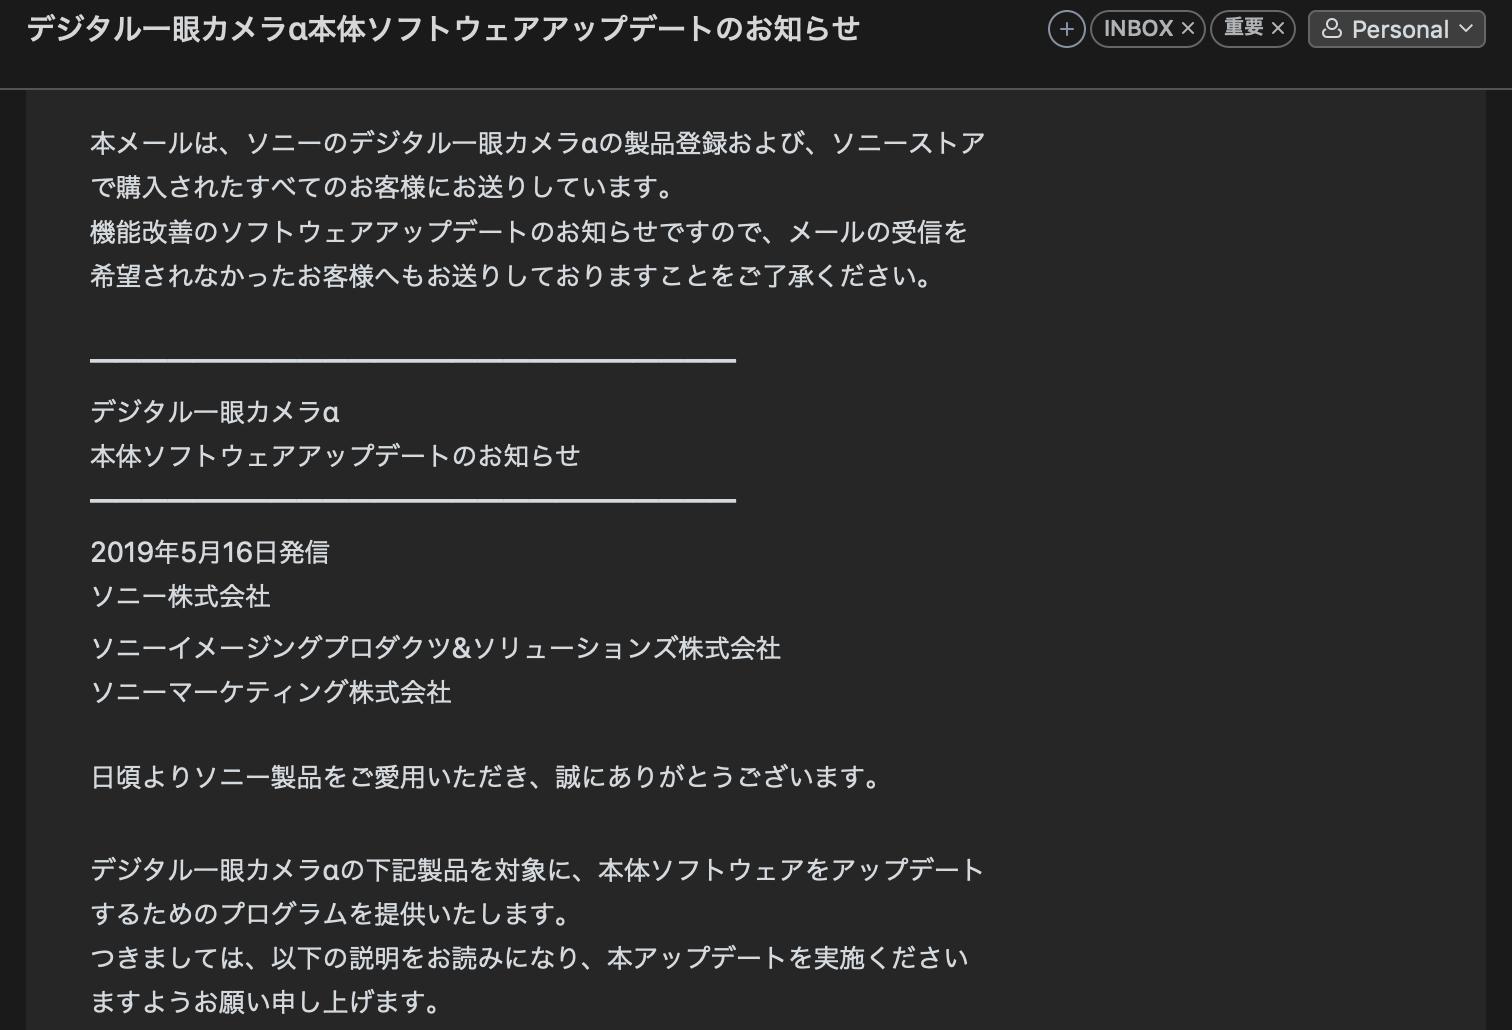 Sonyからソフトウェア・アップデートのお知らせメール